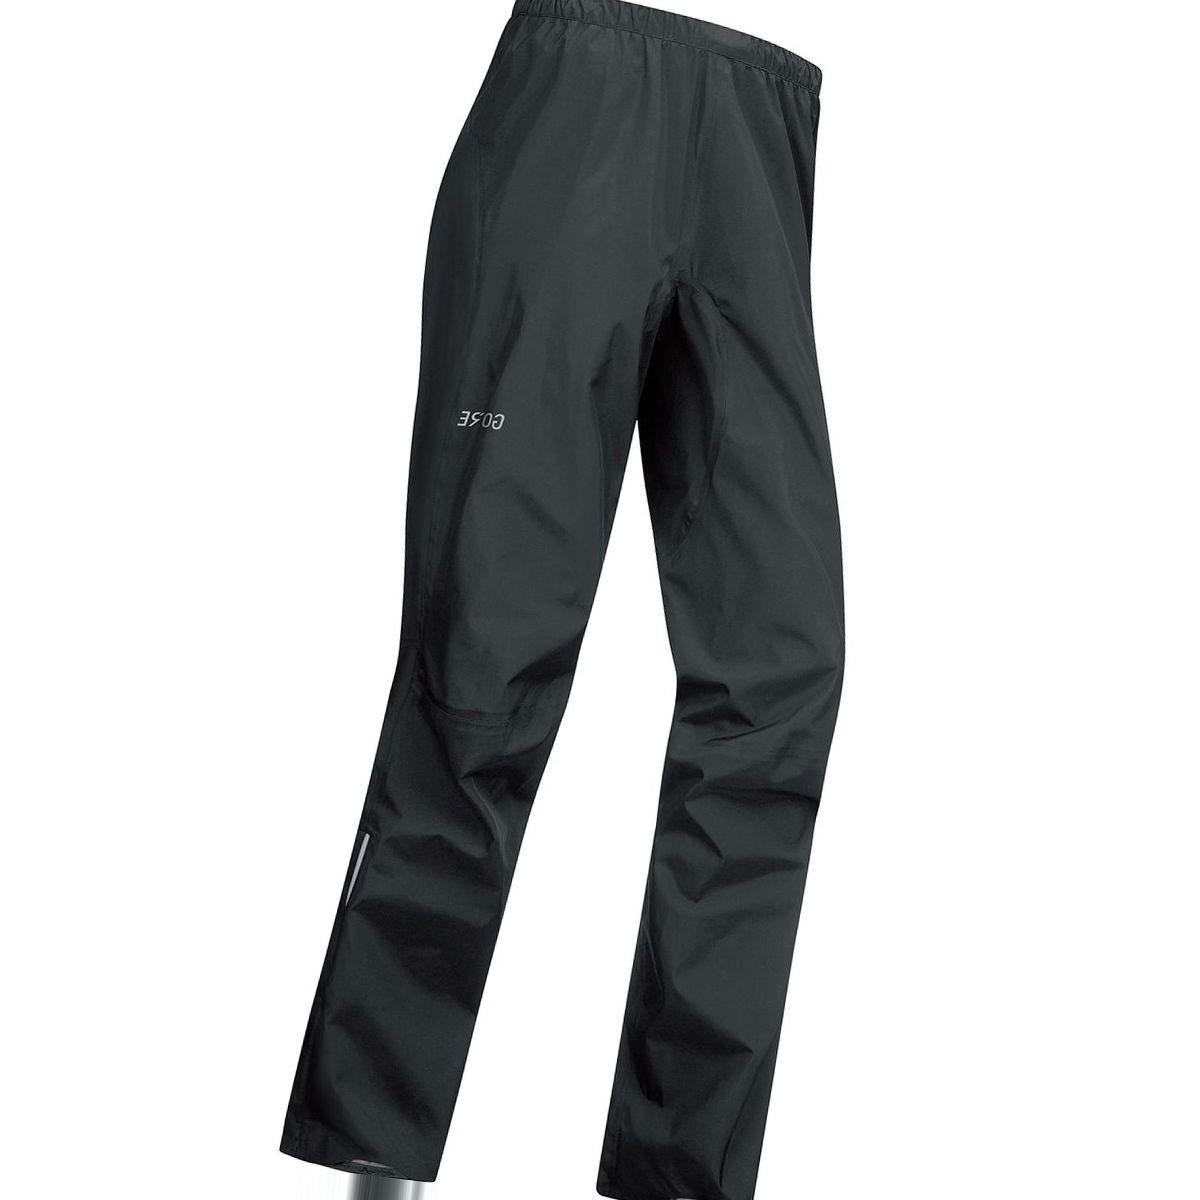 Gore Wear C5 Gore-Tex Active Trail Pant - Men's